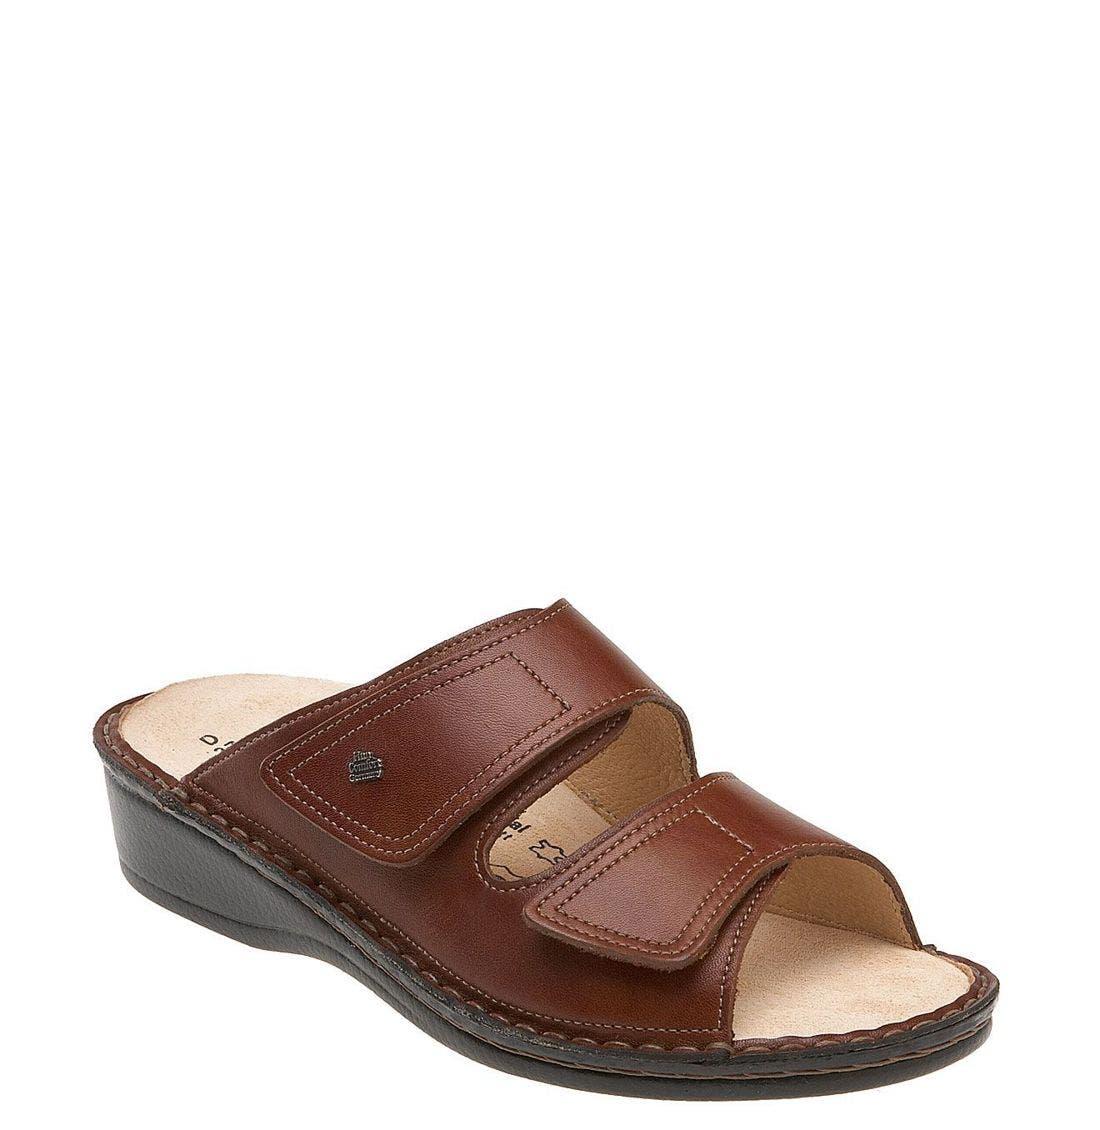 Alternate Image 1 Selected - Finn Comfort 'Jamaica' Sandal (Online Only)